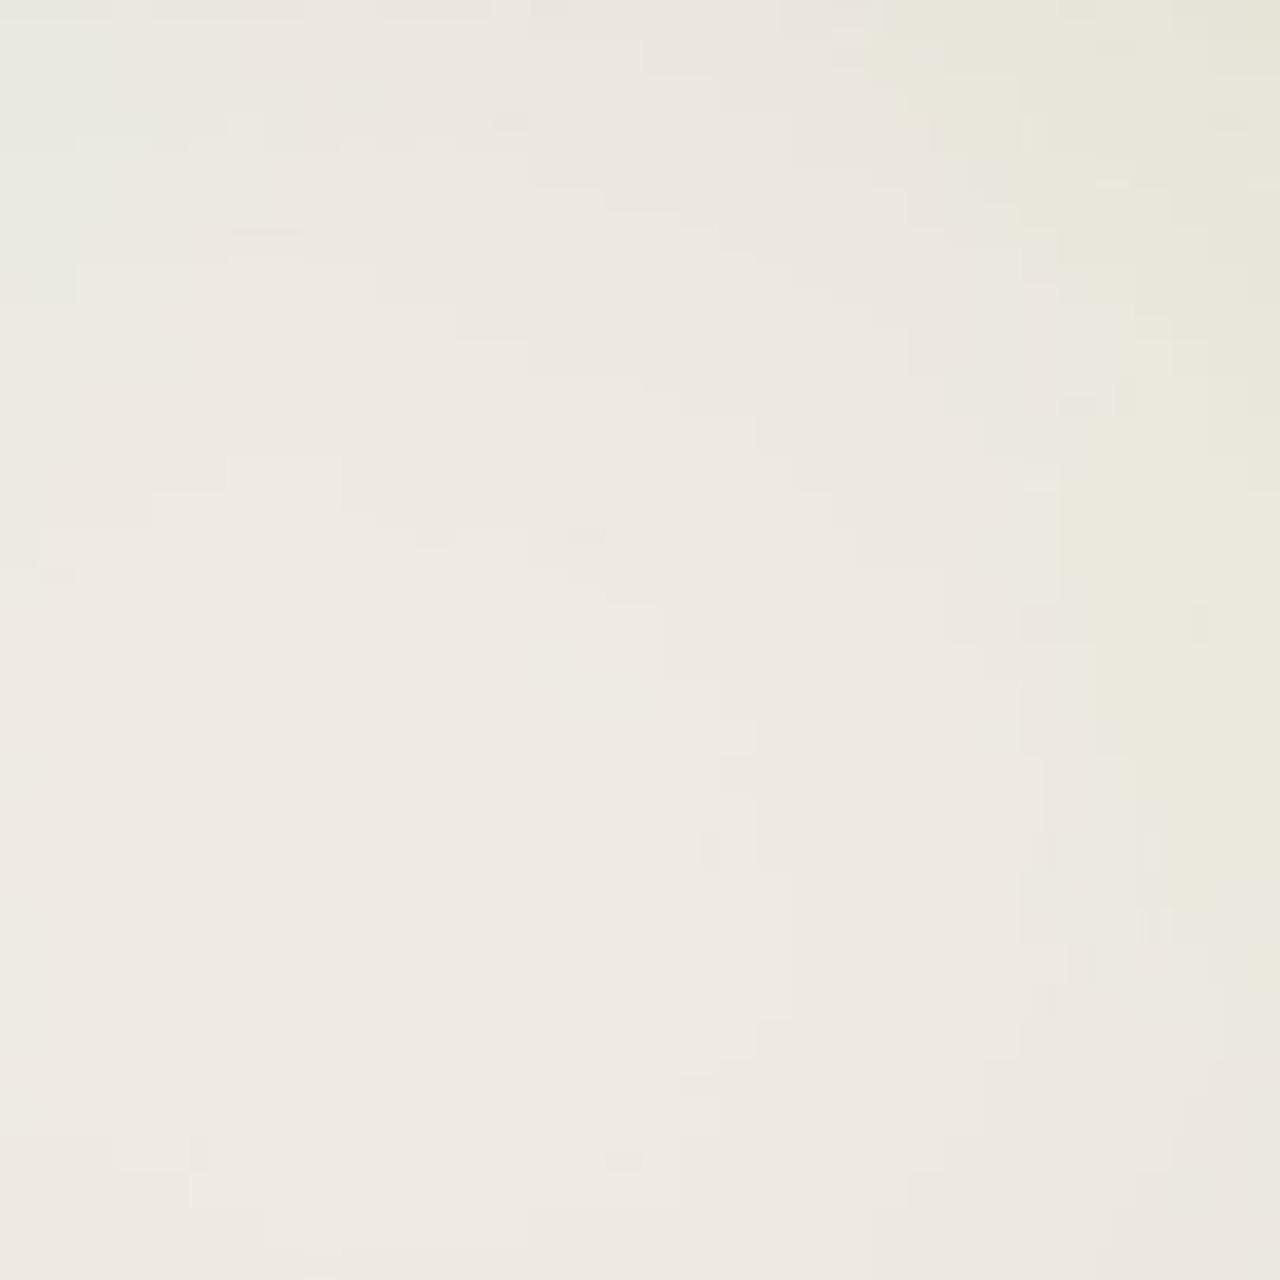 Cantech White Vinyl #129